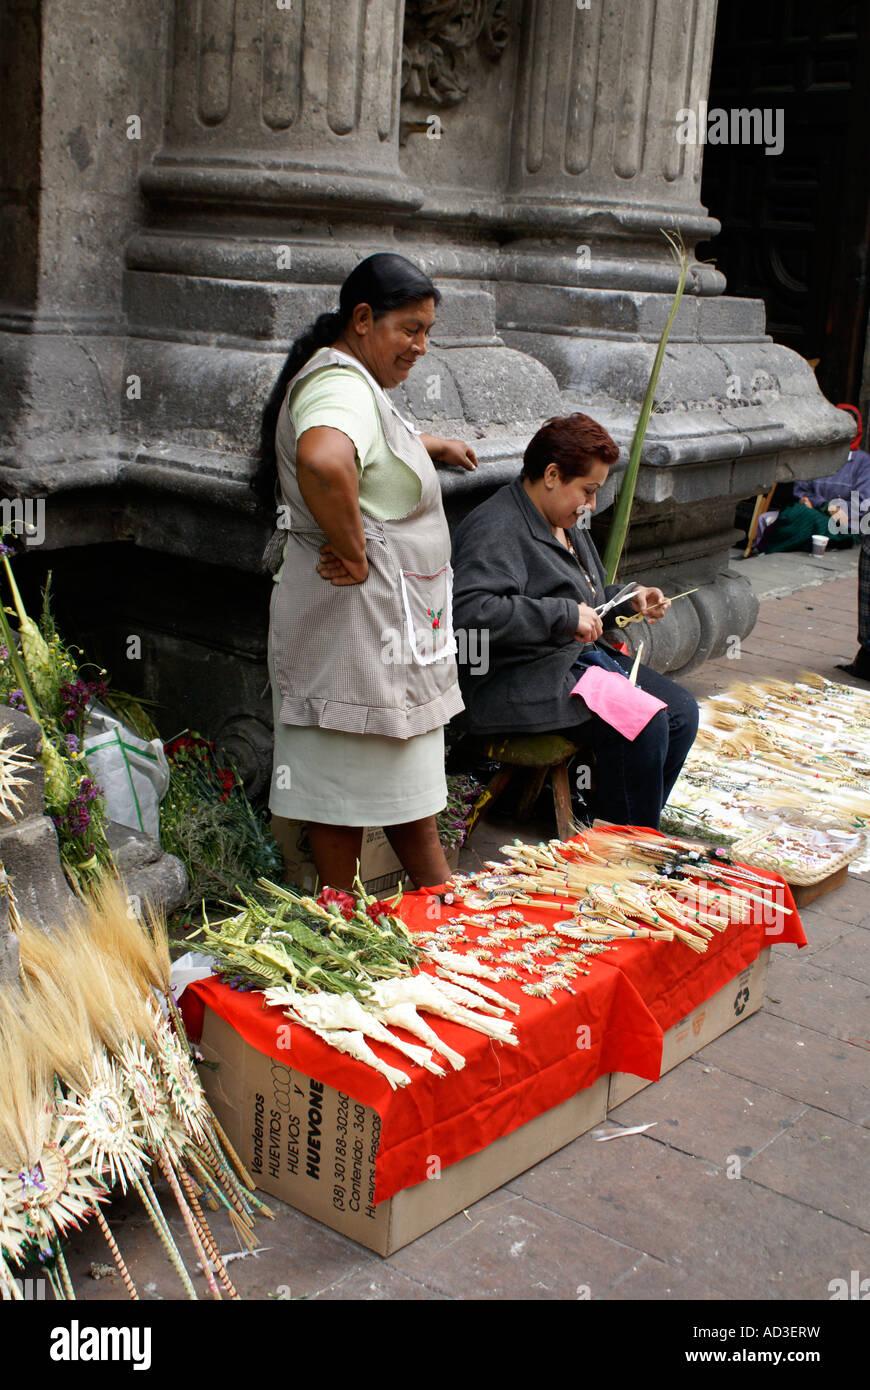 Palm Sunday sidewalk vendors, Mexico City - Stock Image